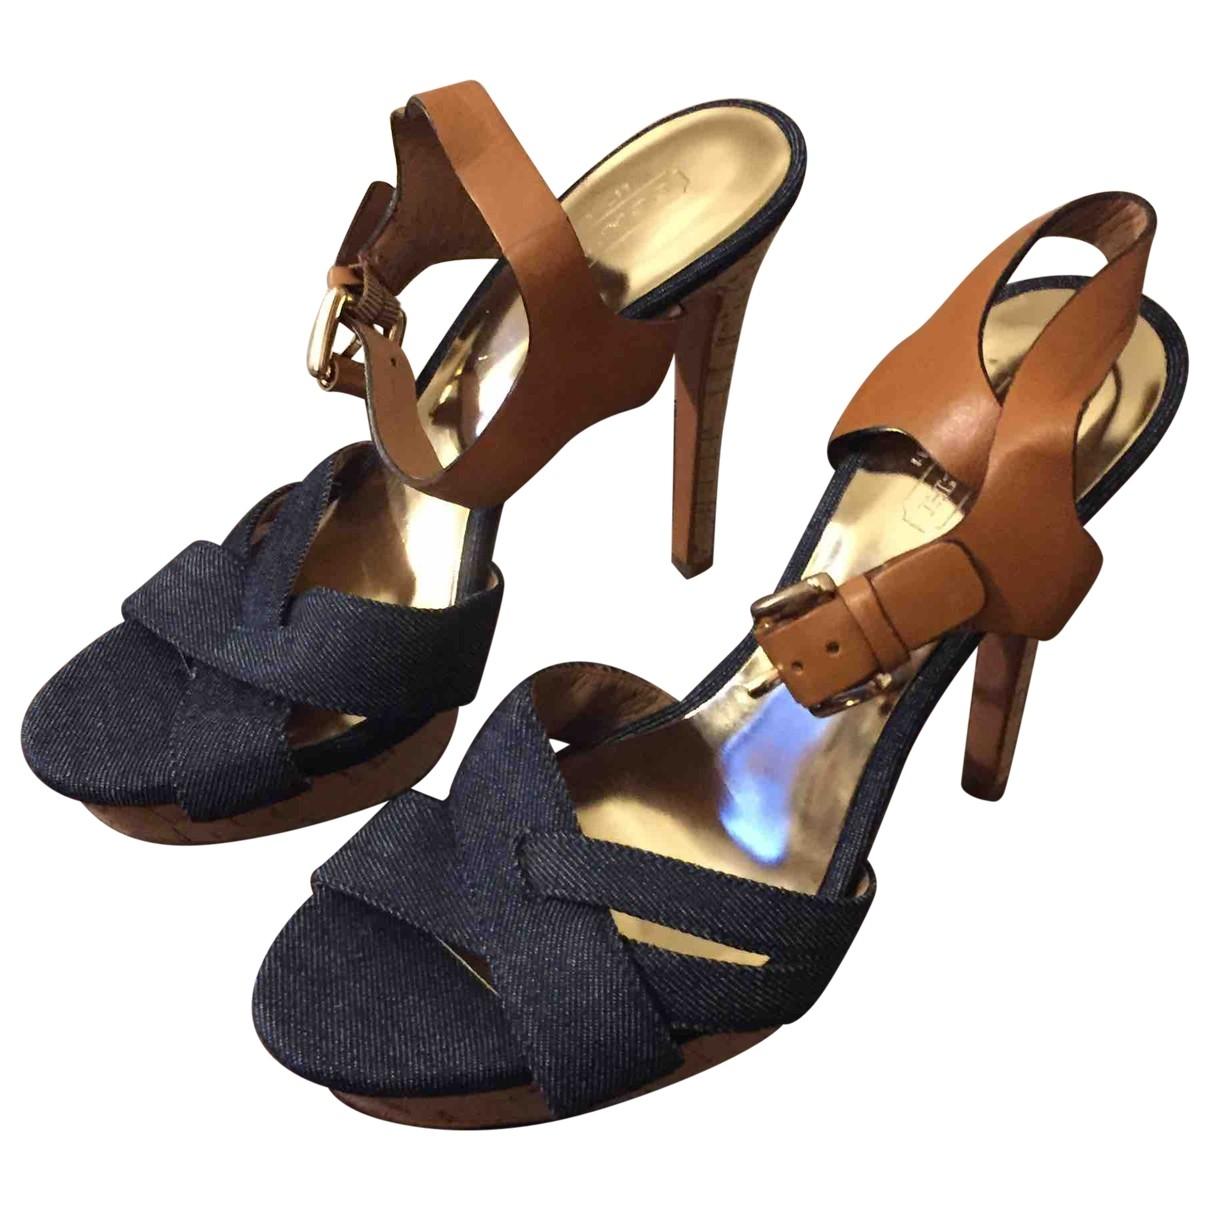 Sandalias romanas de Lona Coach